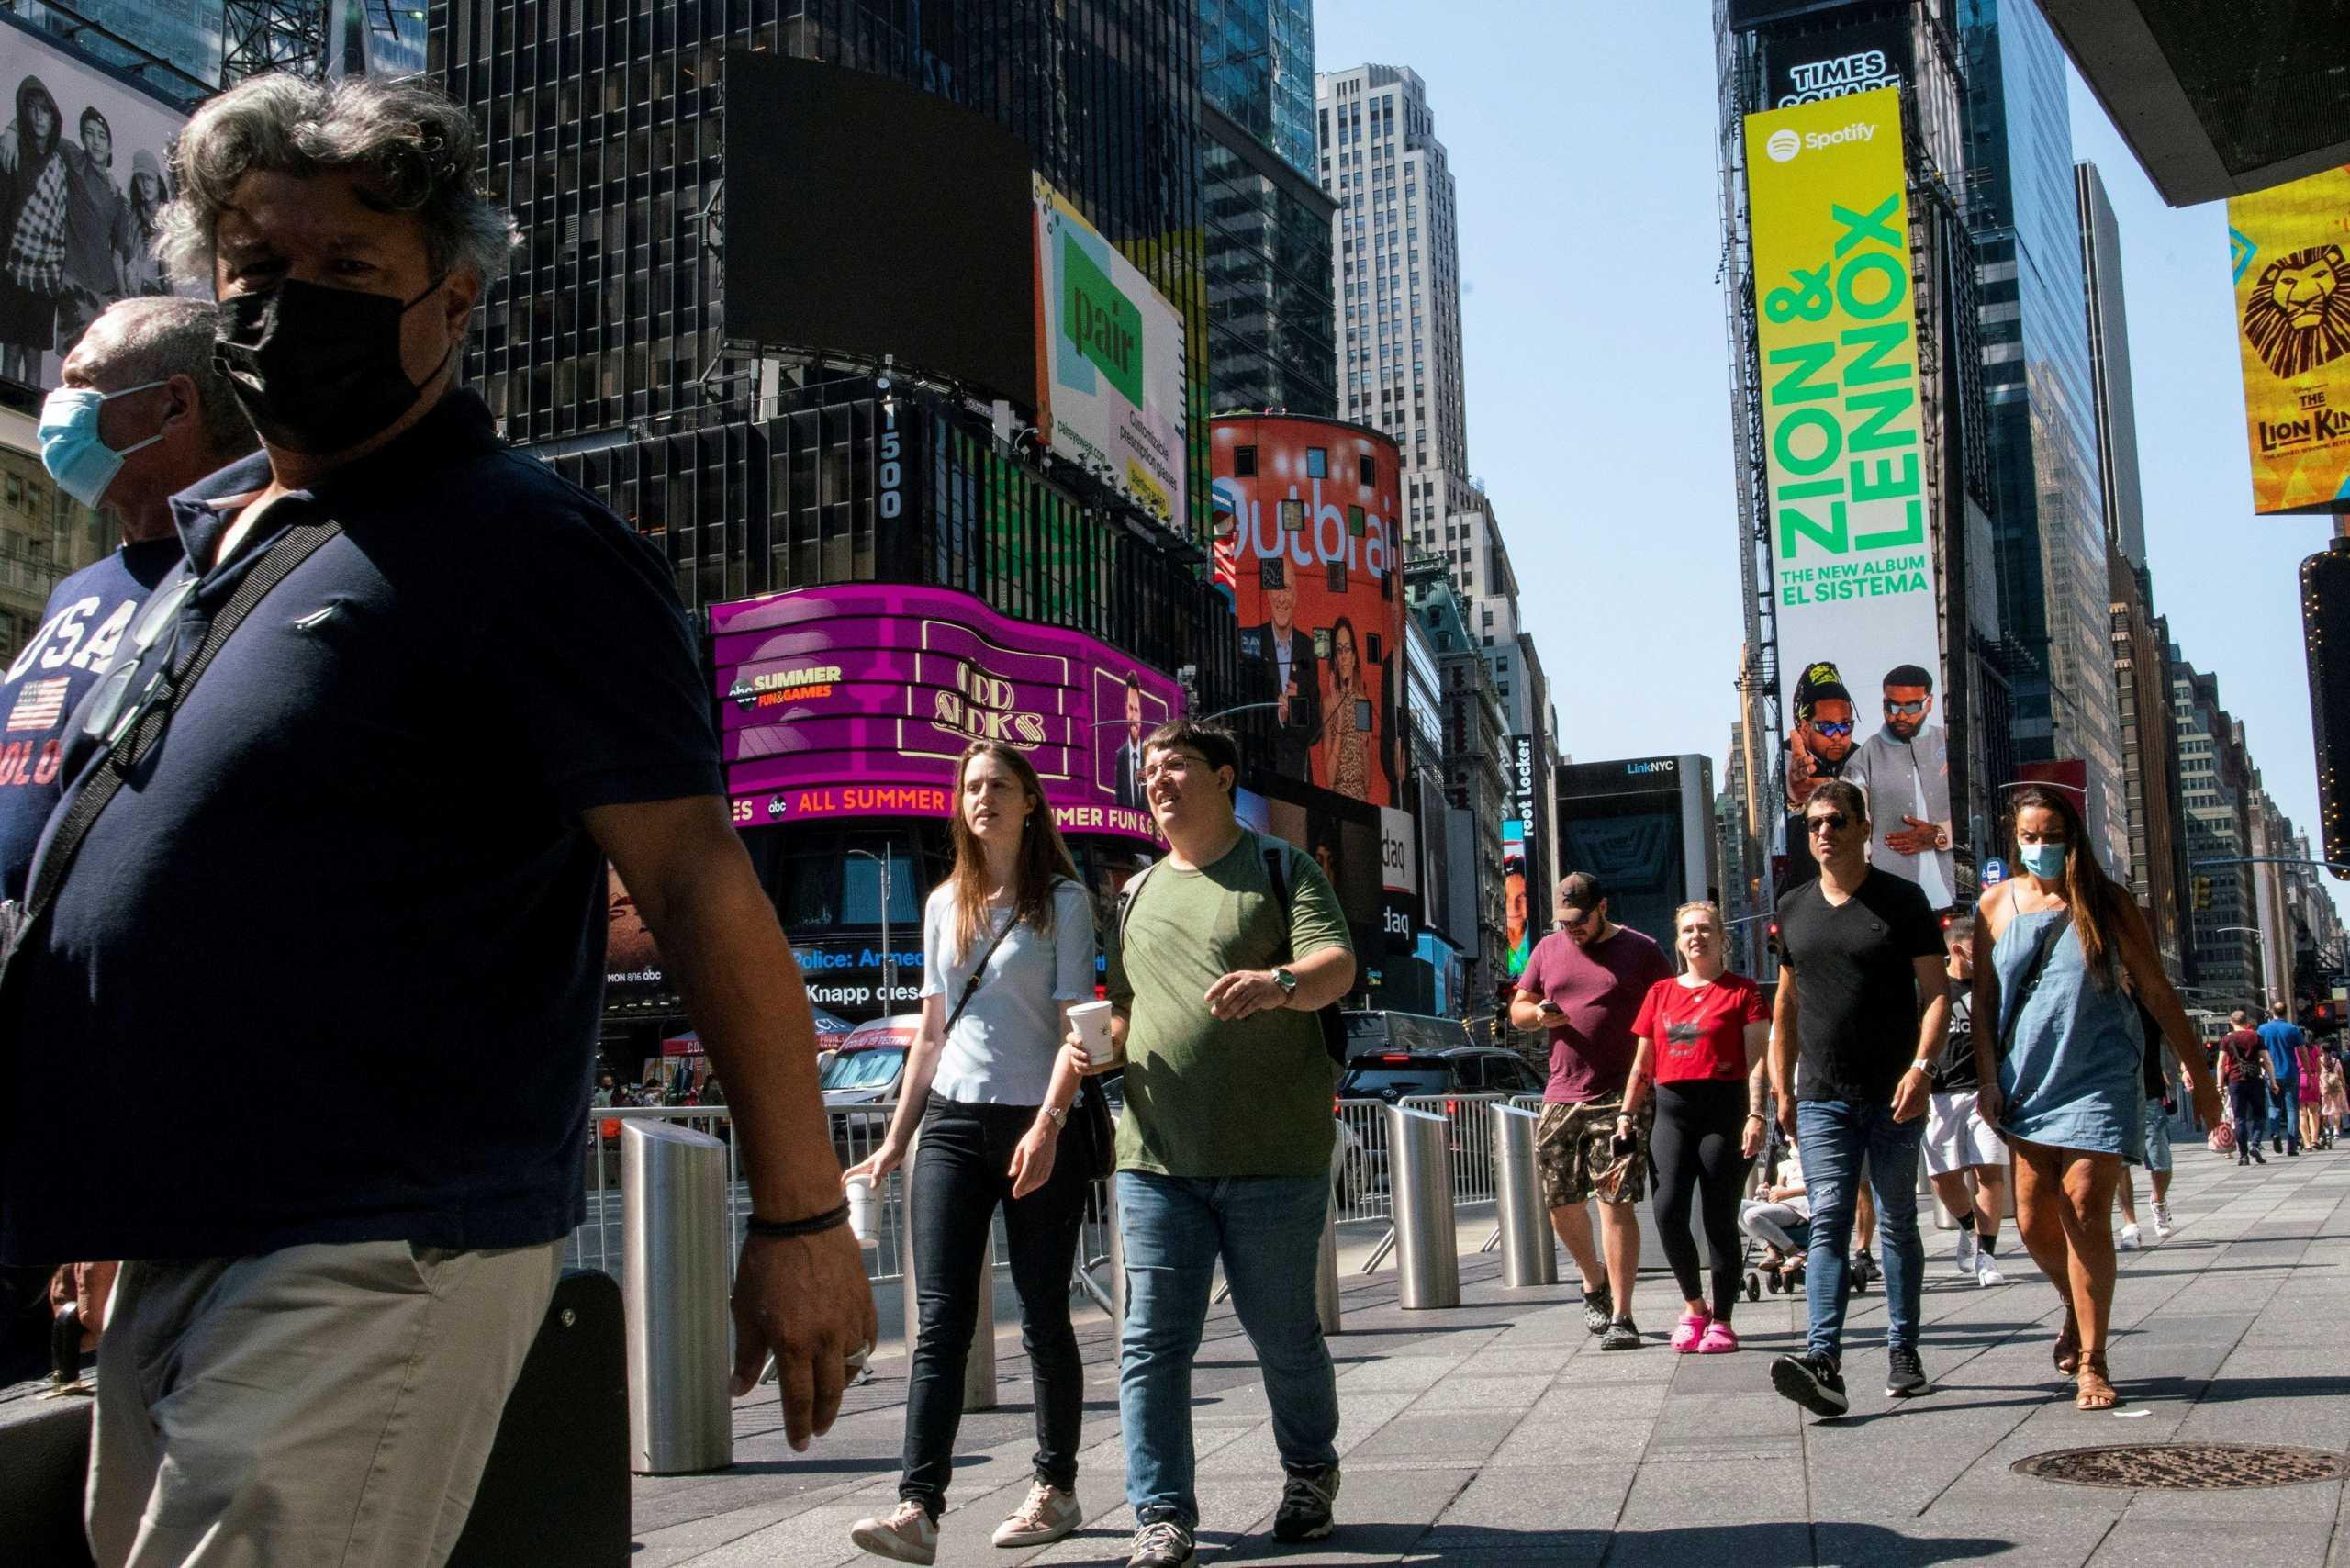 Η Times Square αποκτά για πρώτη φορά συντριβάνι και θα φτιαχτεί από 400.000 τεχνητά νύχια